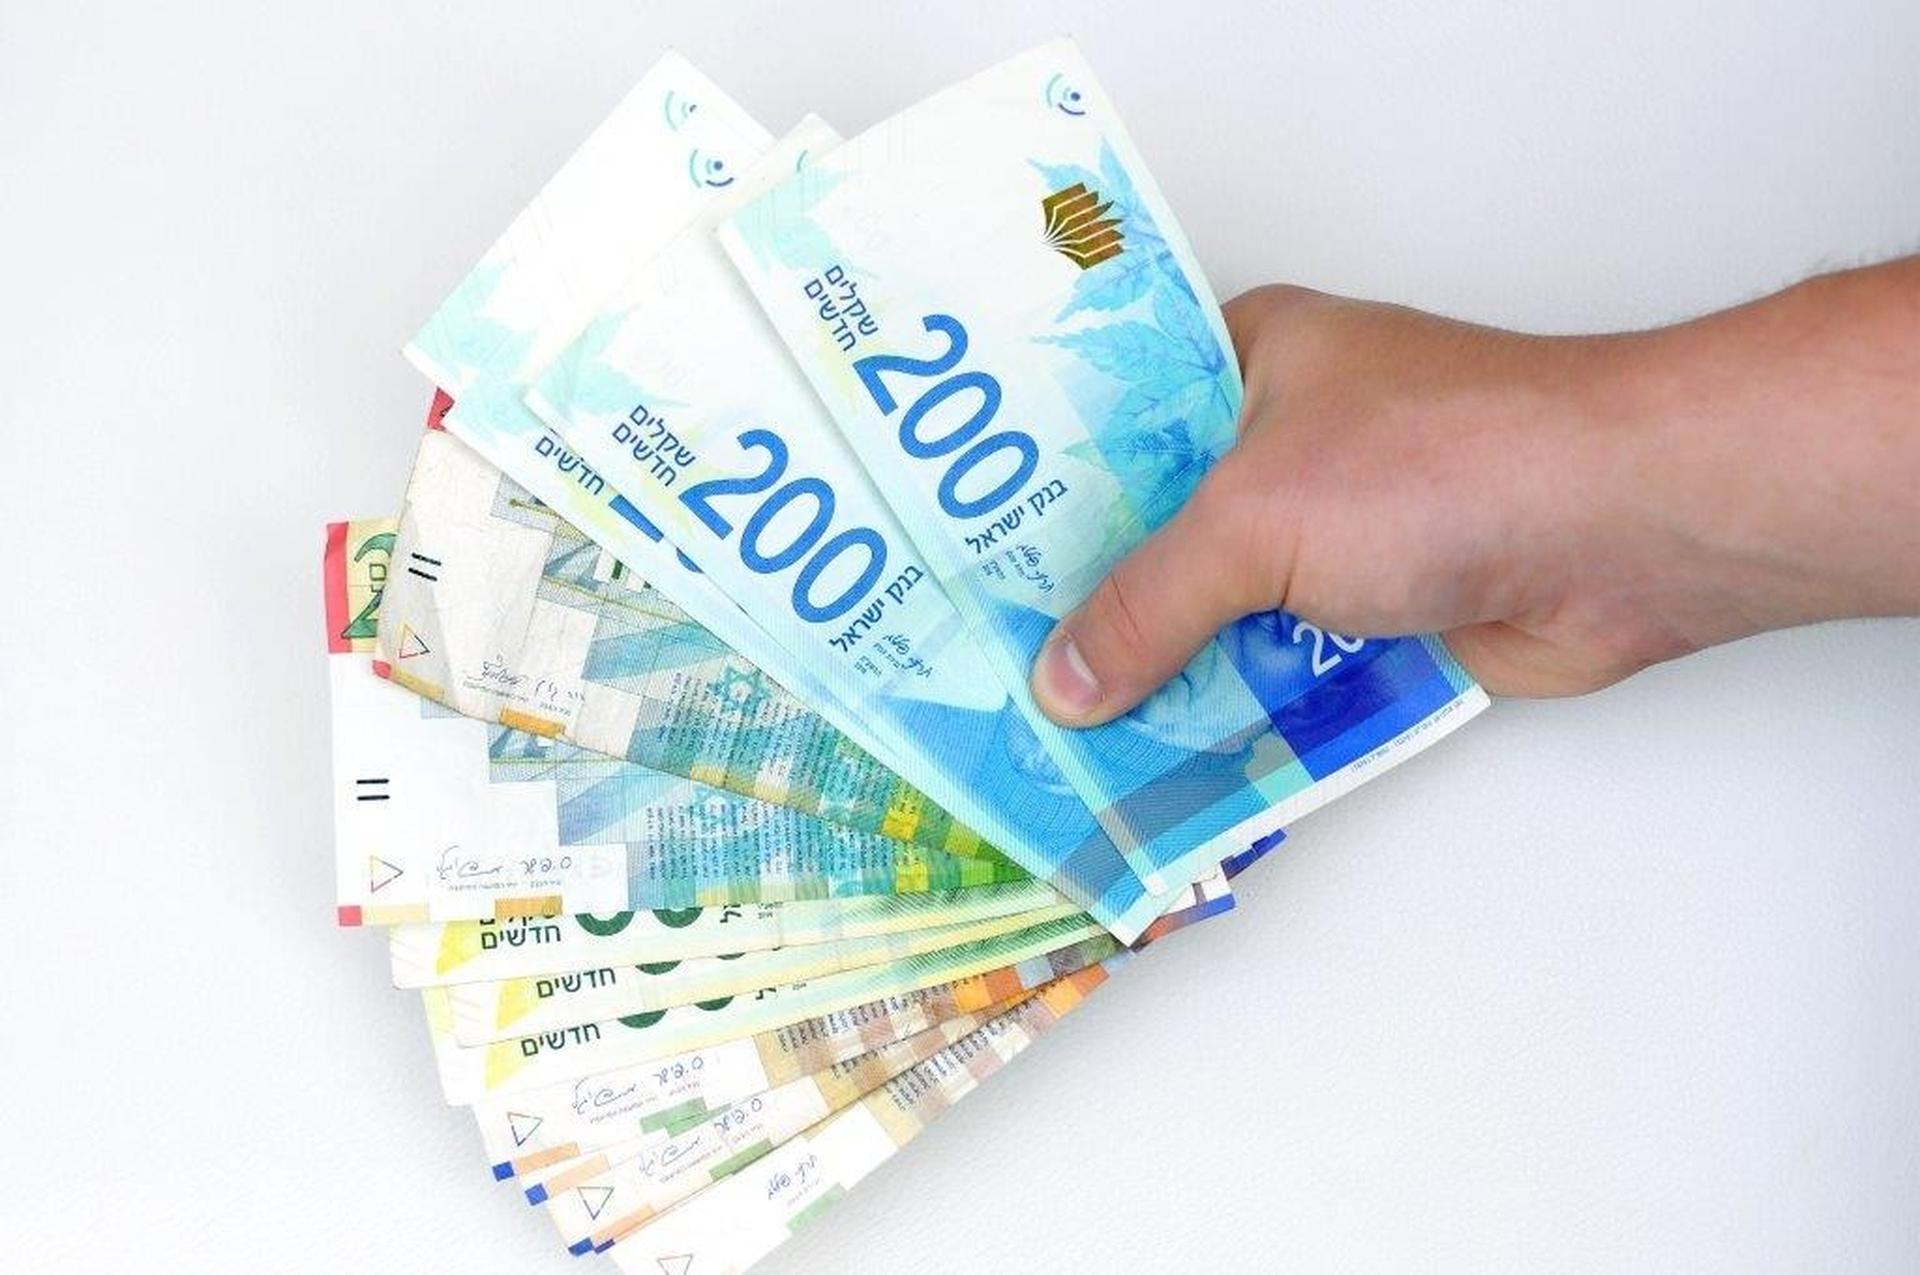 הקיבוץ רשאי להביא בחשבון כל הכנסה או נכס של החבר, צילום המחשה: שאטרסטוק